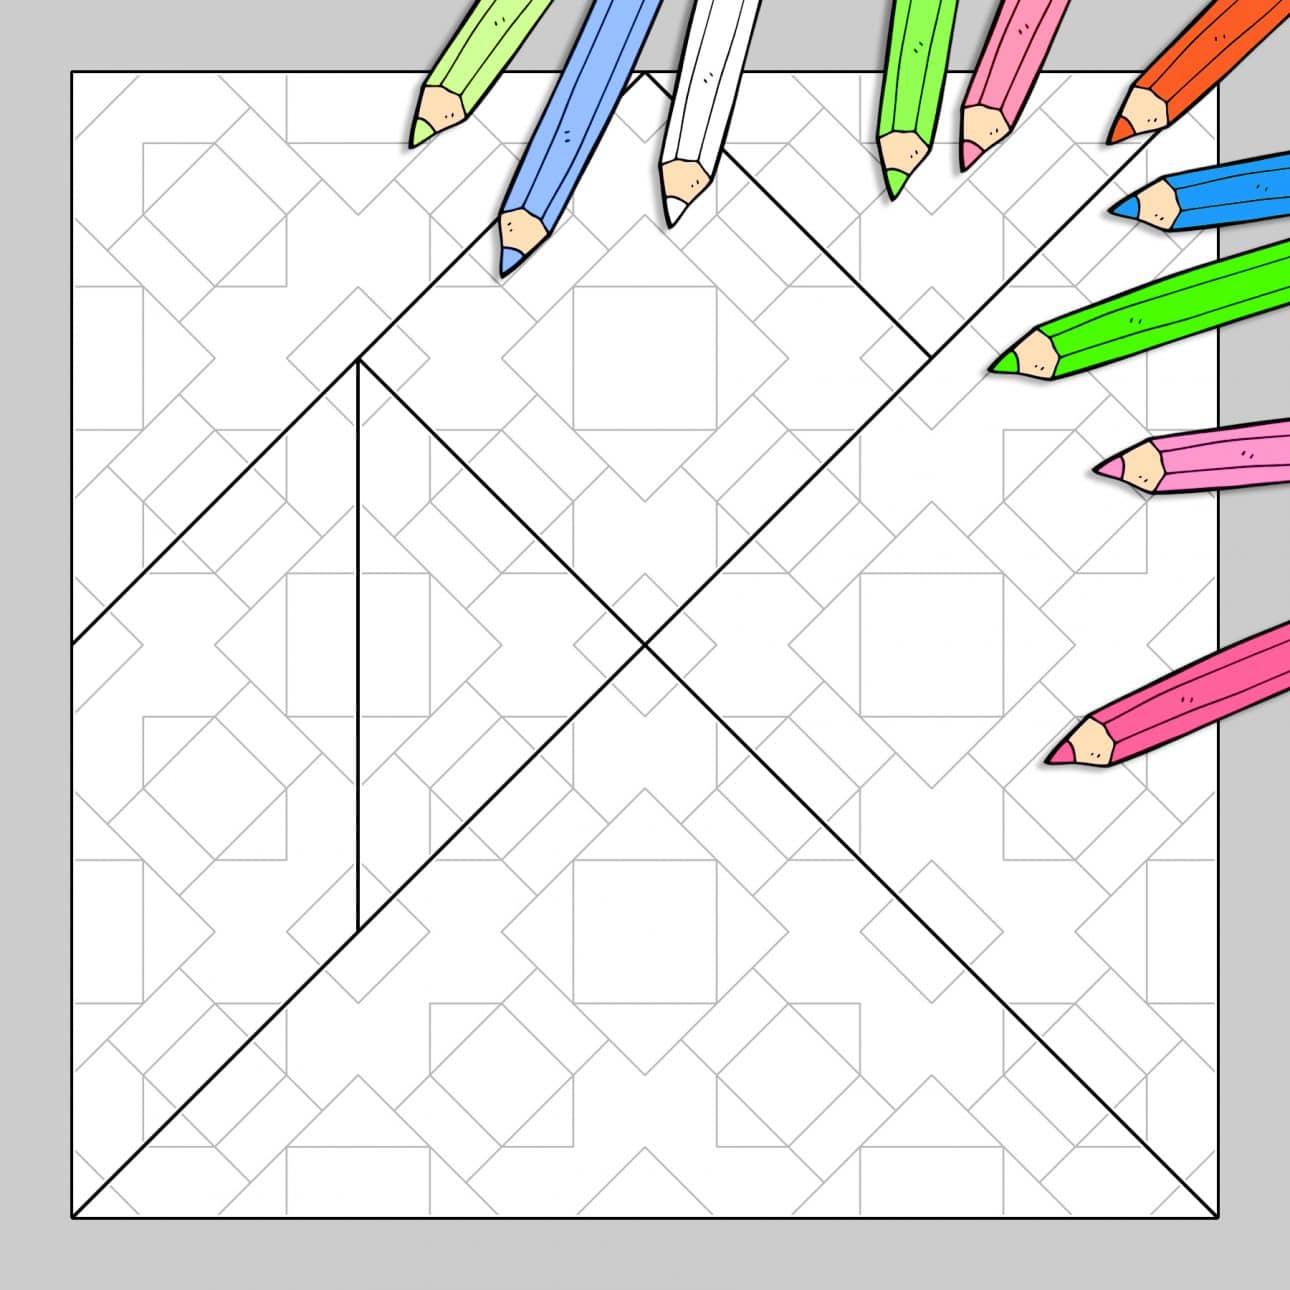 Tangram À Colorier N°24 destiné Tangram Grande Section